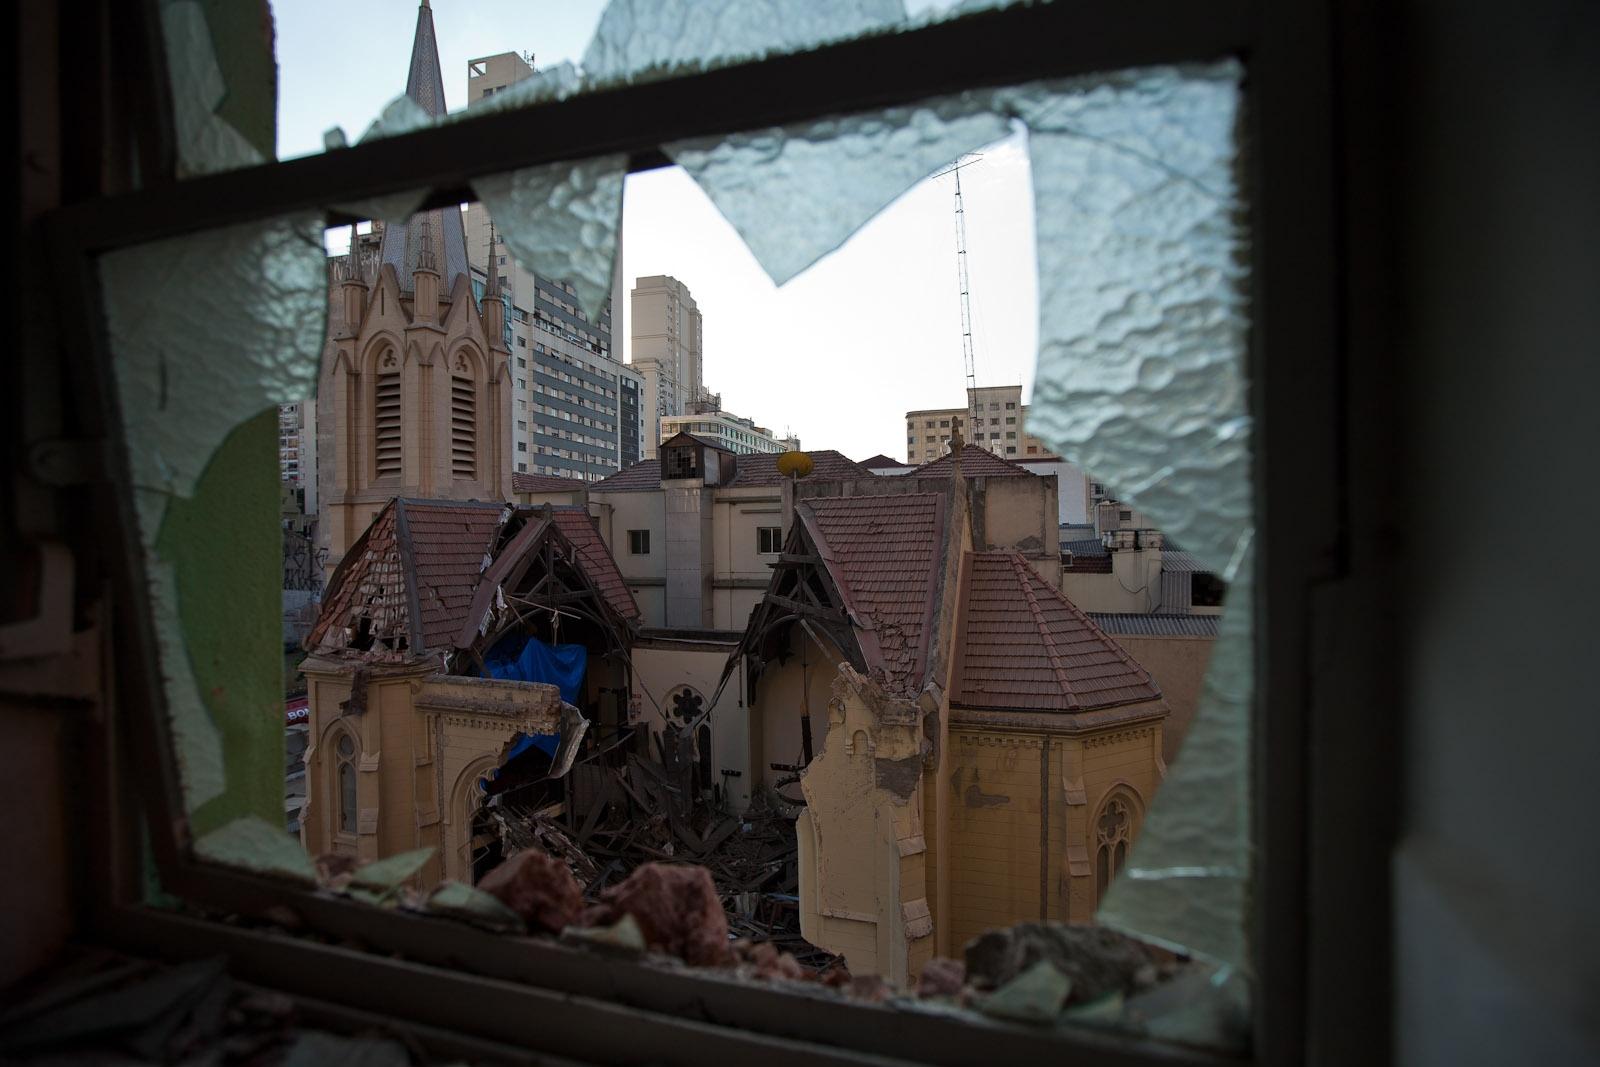 Prédio que desabou afeta estruturas vizinhas / Building that collapsed affects neighboring structures